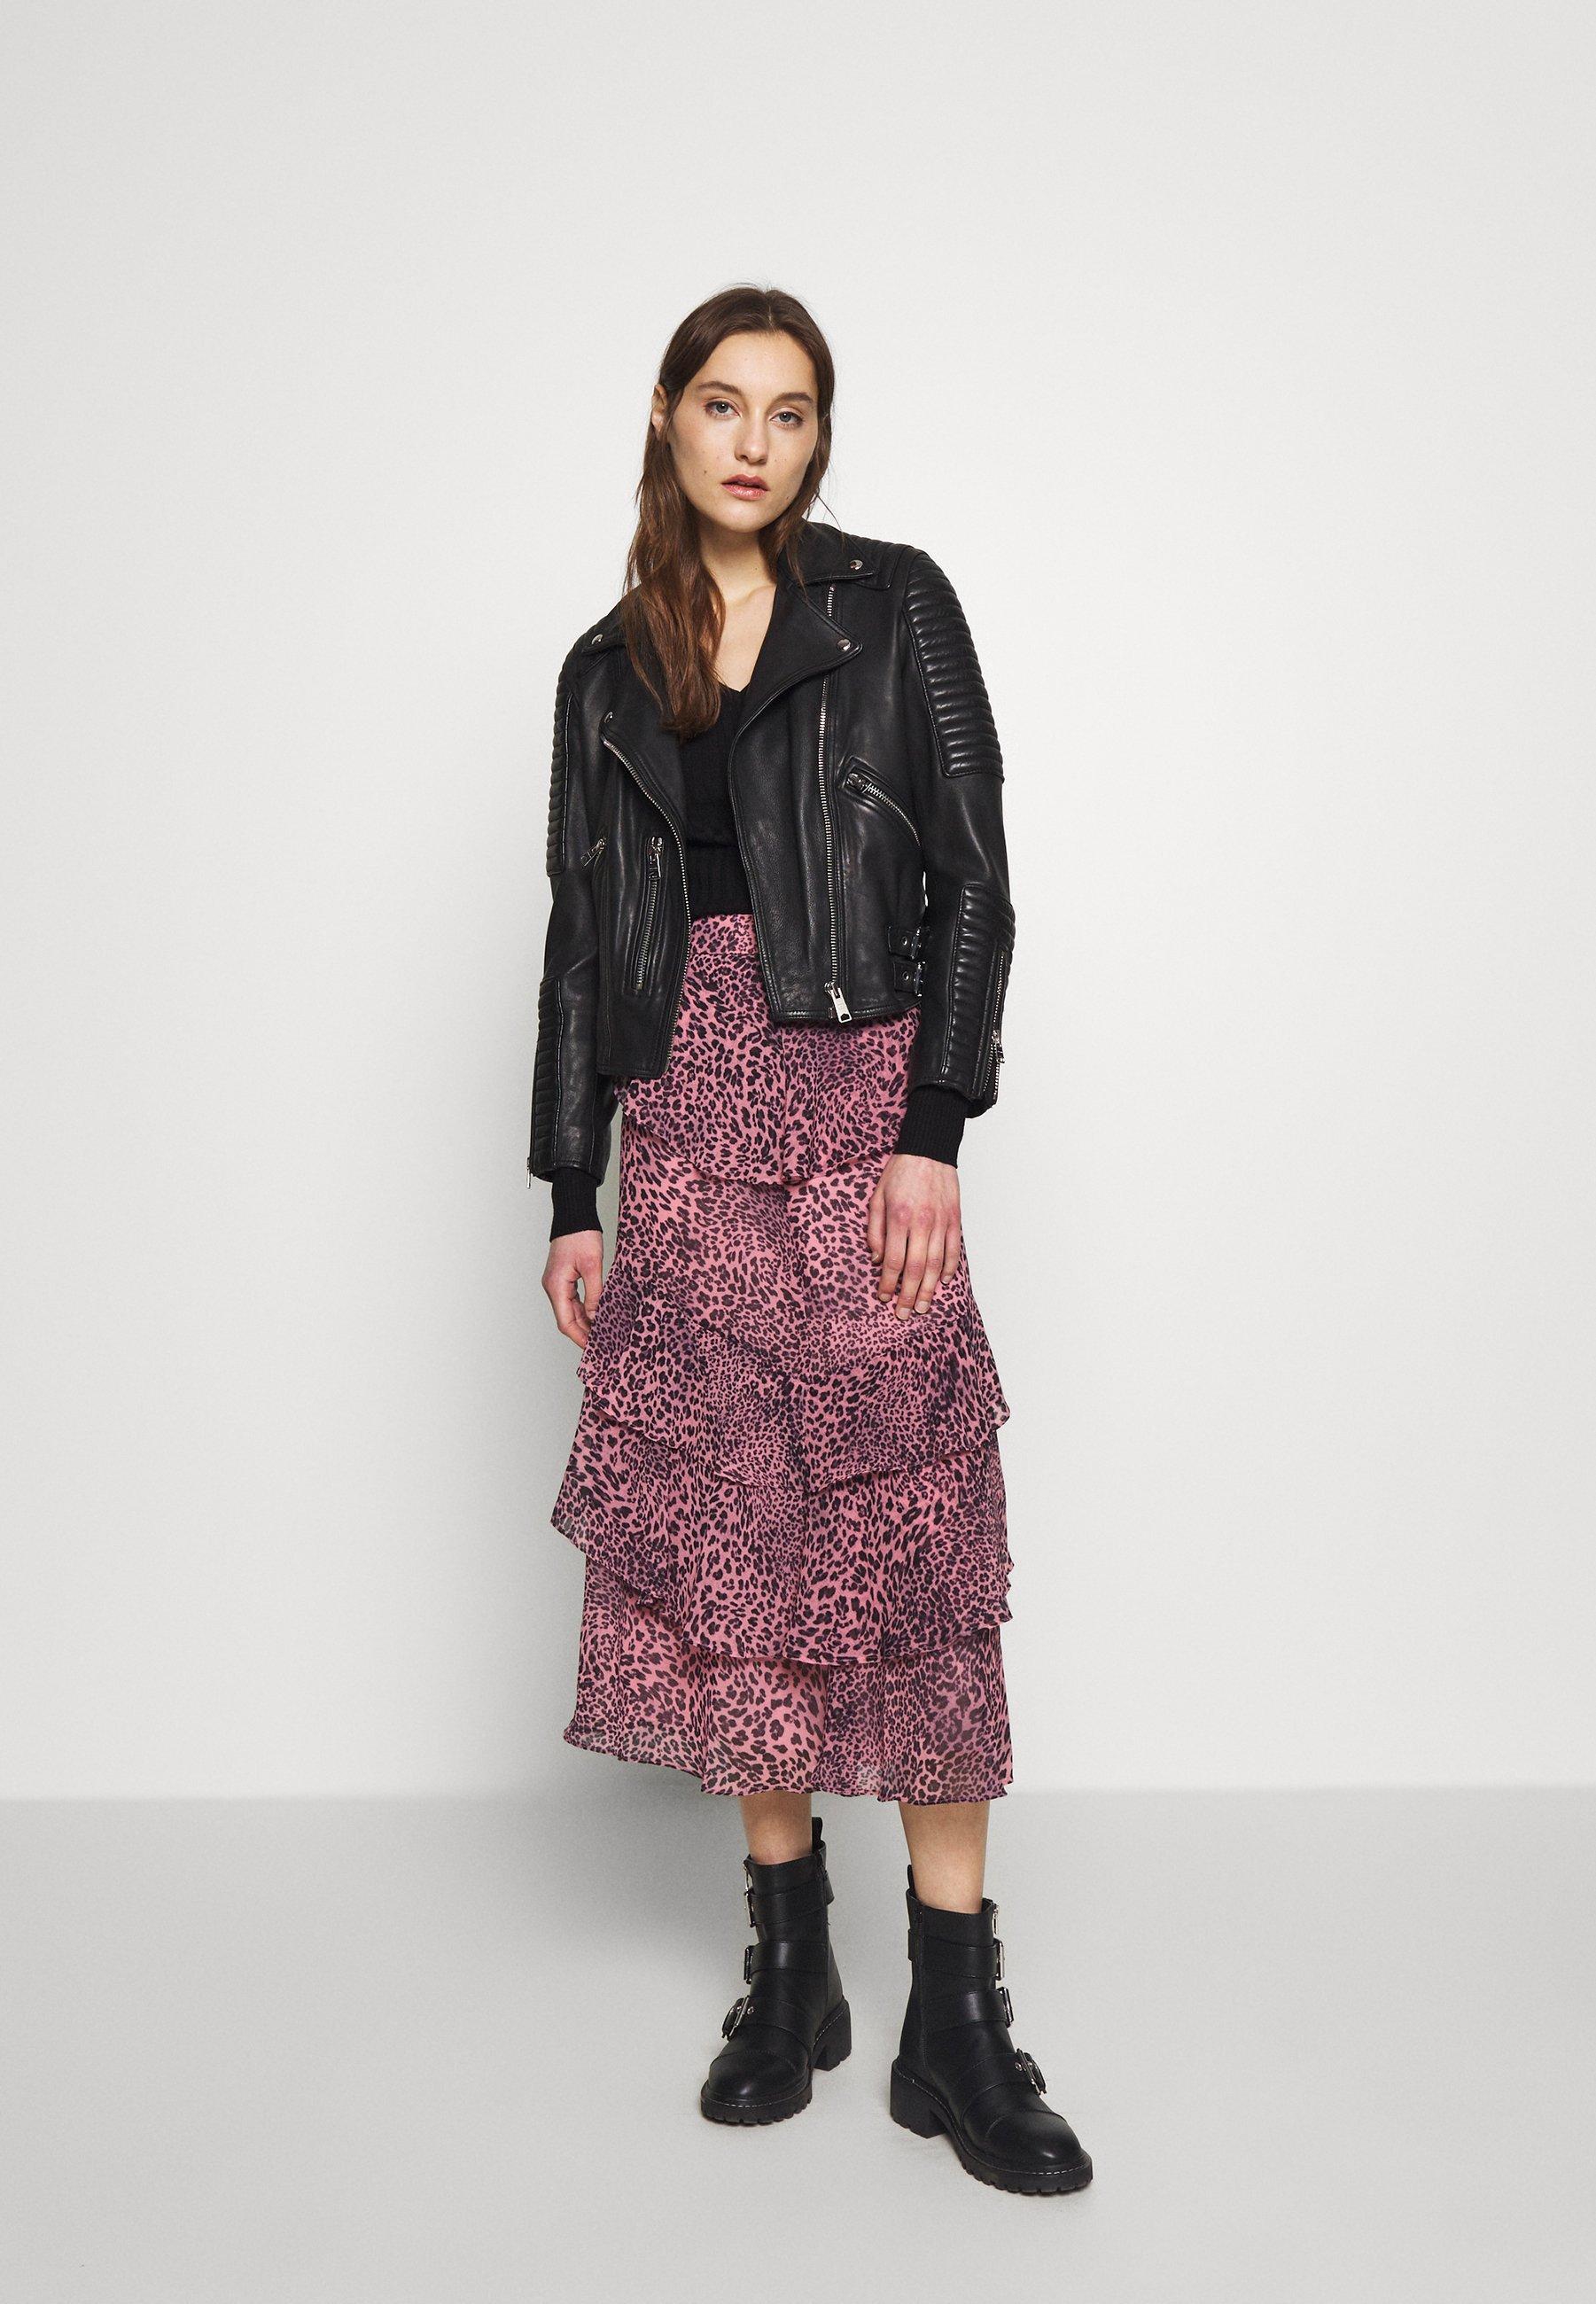 Whistles Wild Cat Skirt - A-linjekjol Pink Multi